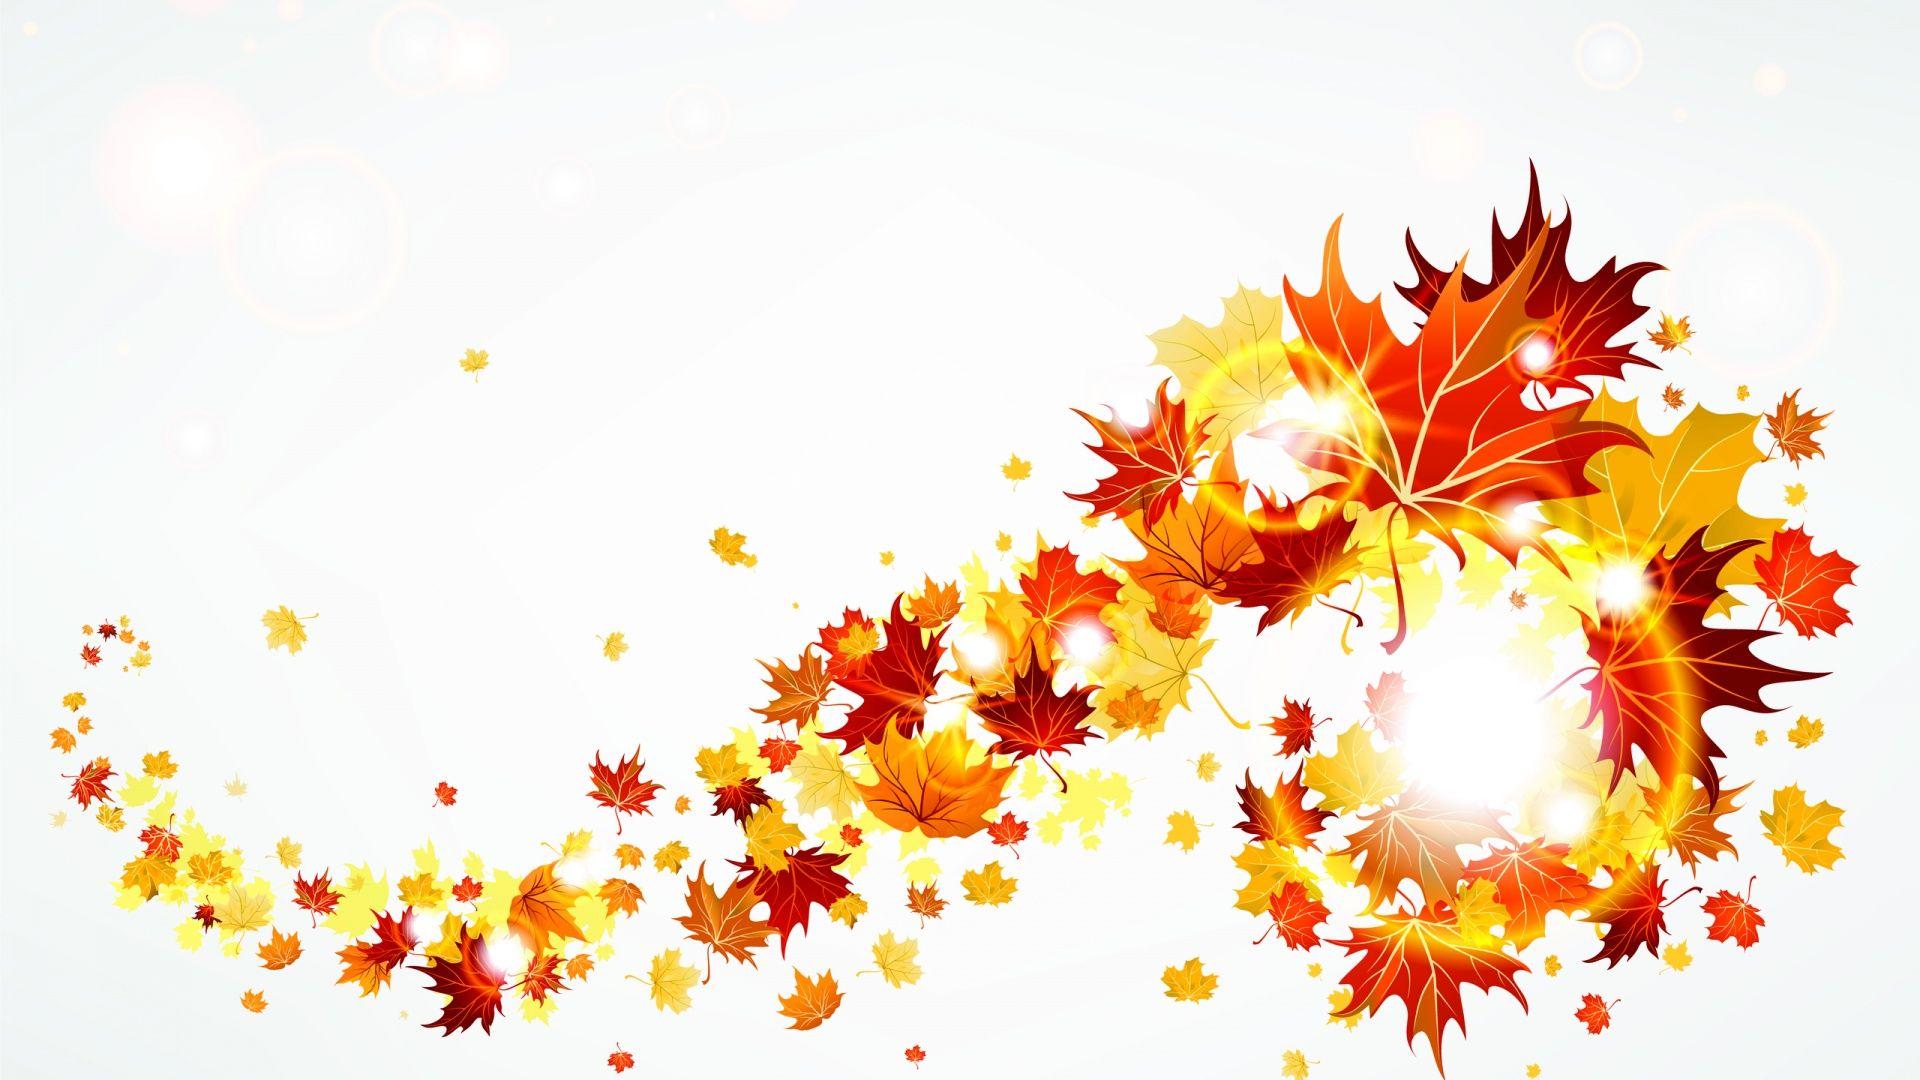 Wallpaper clipart autumn Images border leaves 2 autumn